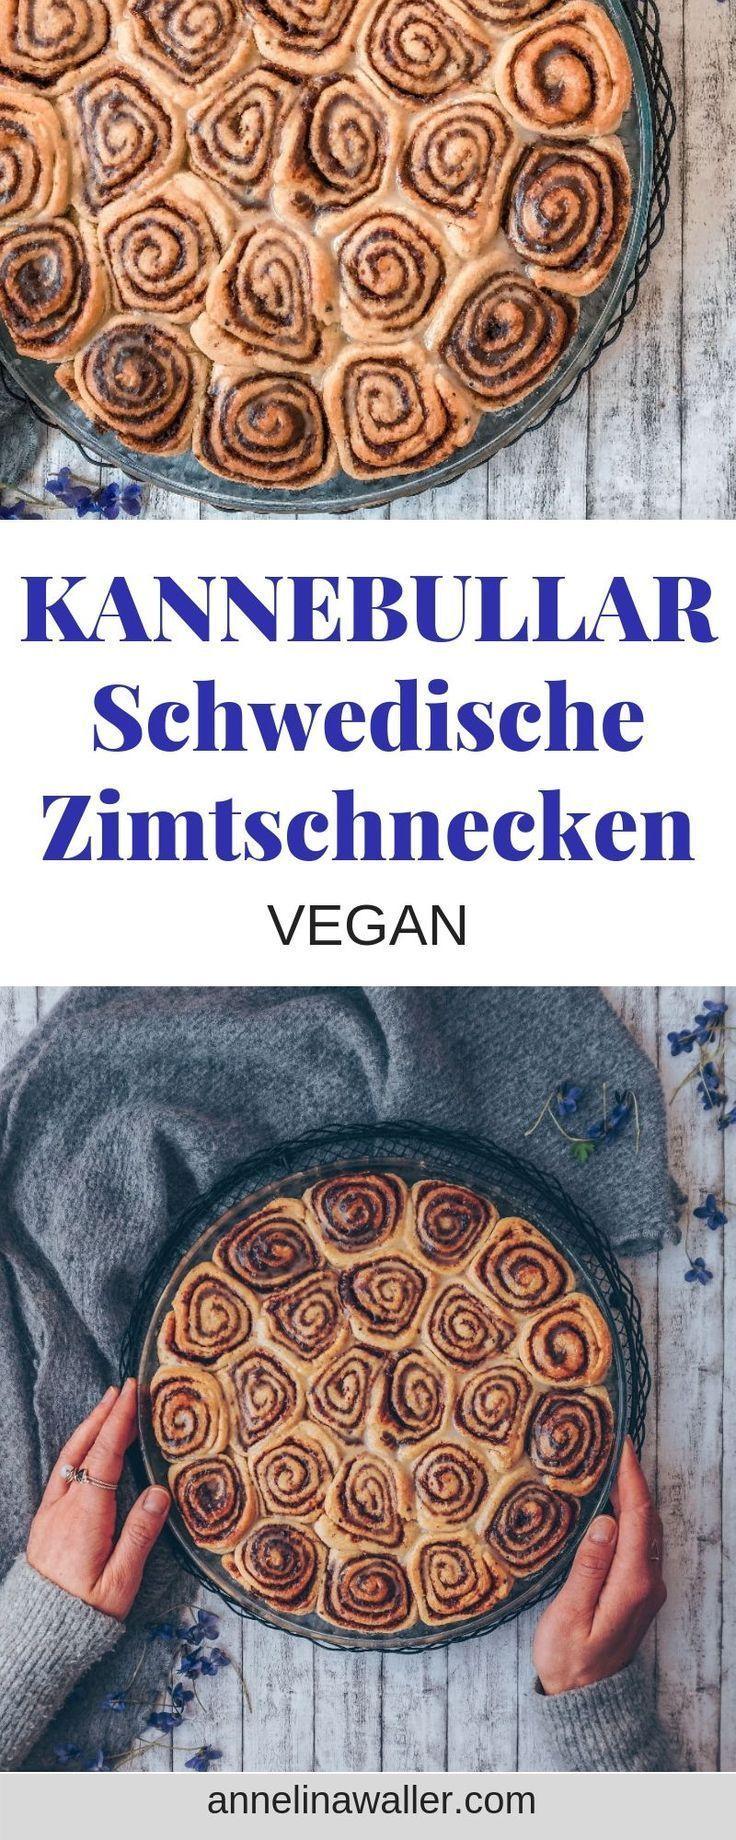 Kanebullar, Schwedische Zimtschnecken, kuchen vegan, dessert, süßes, gesunde rezepte, gesunde rezepte zum abnehmen, gesunde rezepte zum abnehmen vegetarisch, gesunde rezepte einfach, gesunde rezepte wenig kalorien, gesunde ernährung, gesunde ernährung rezepte